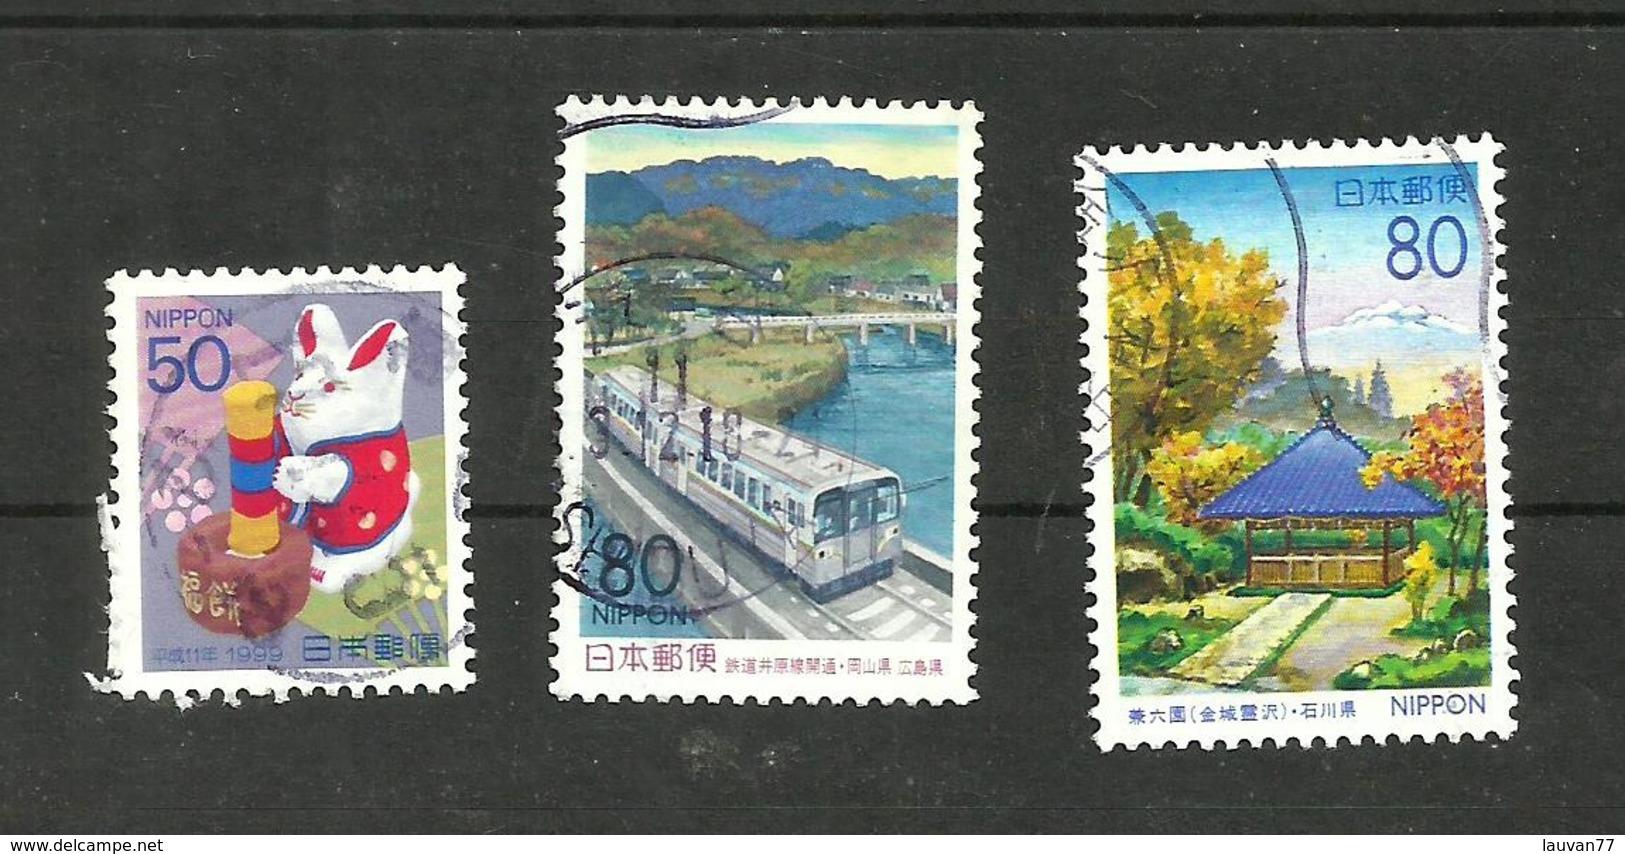 Japon N°2485, 2499, 2546 Cote 3.10 Euros - Usados